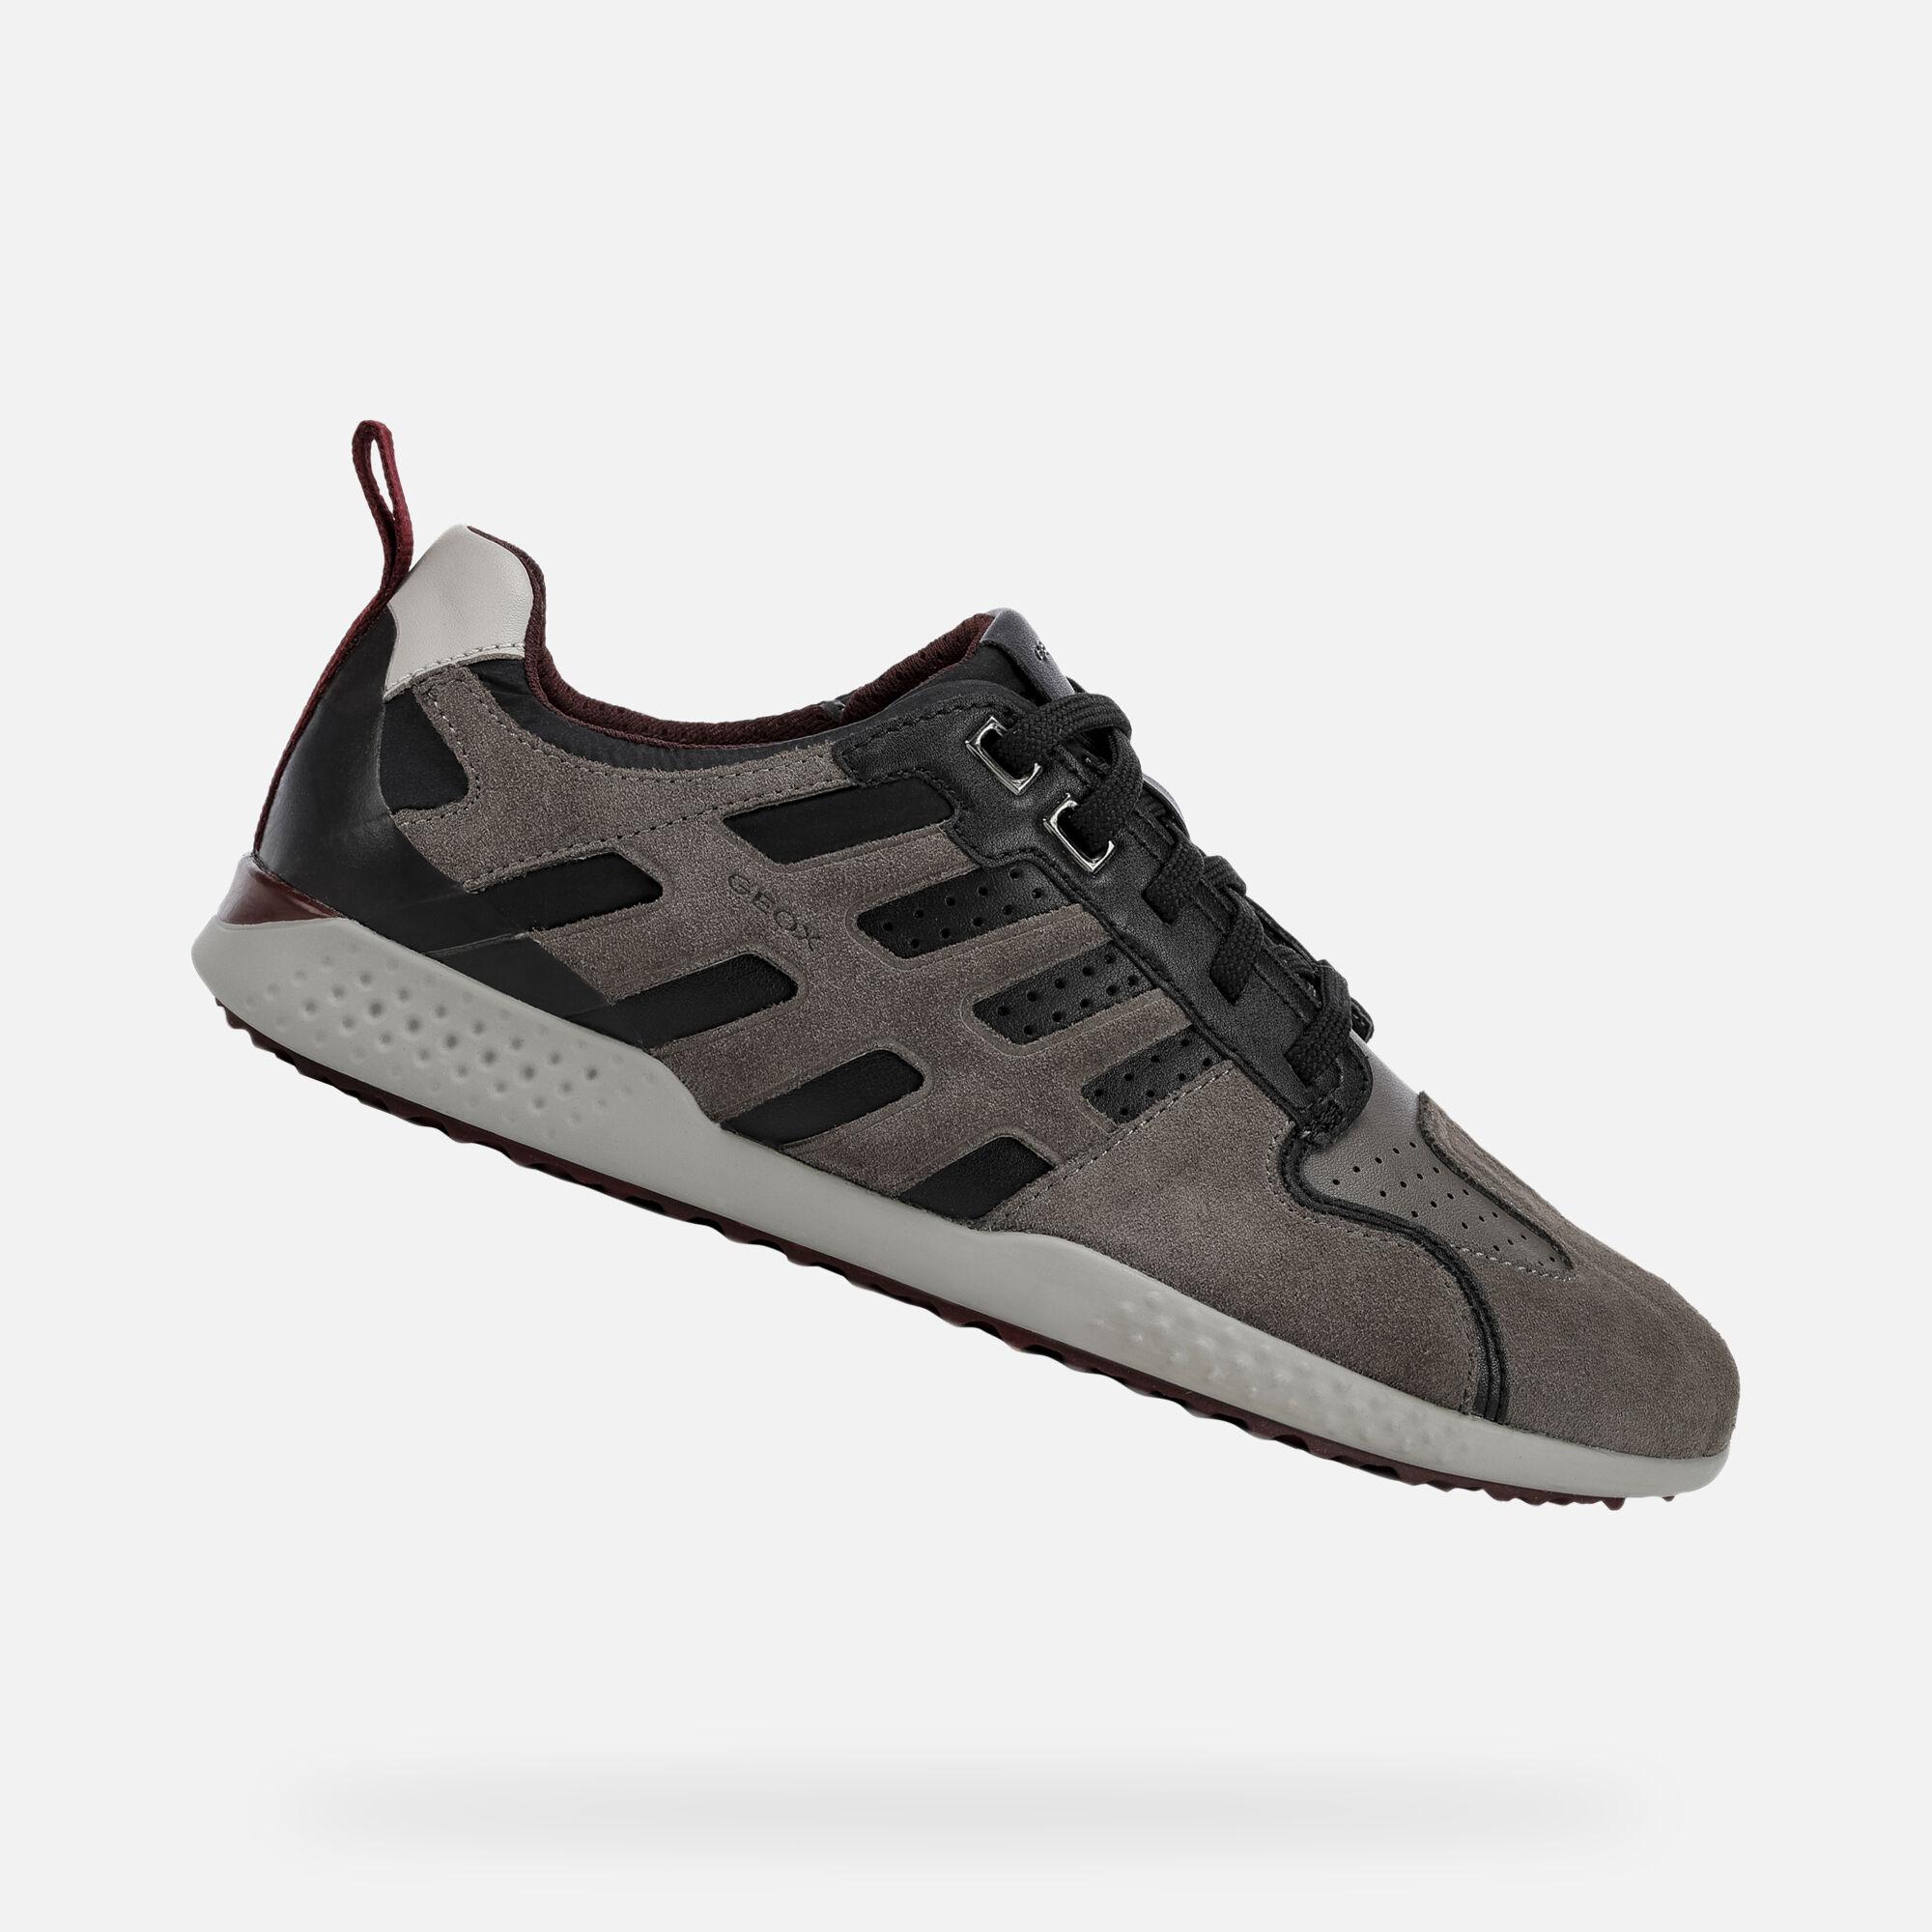 GEOX HERREN LEDER Sneaker Artikel Snake Leder Trend